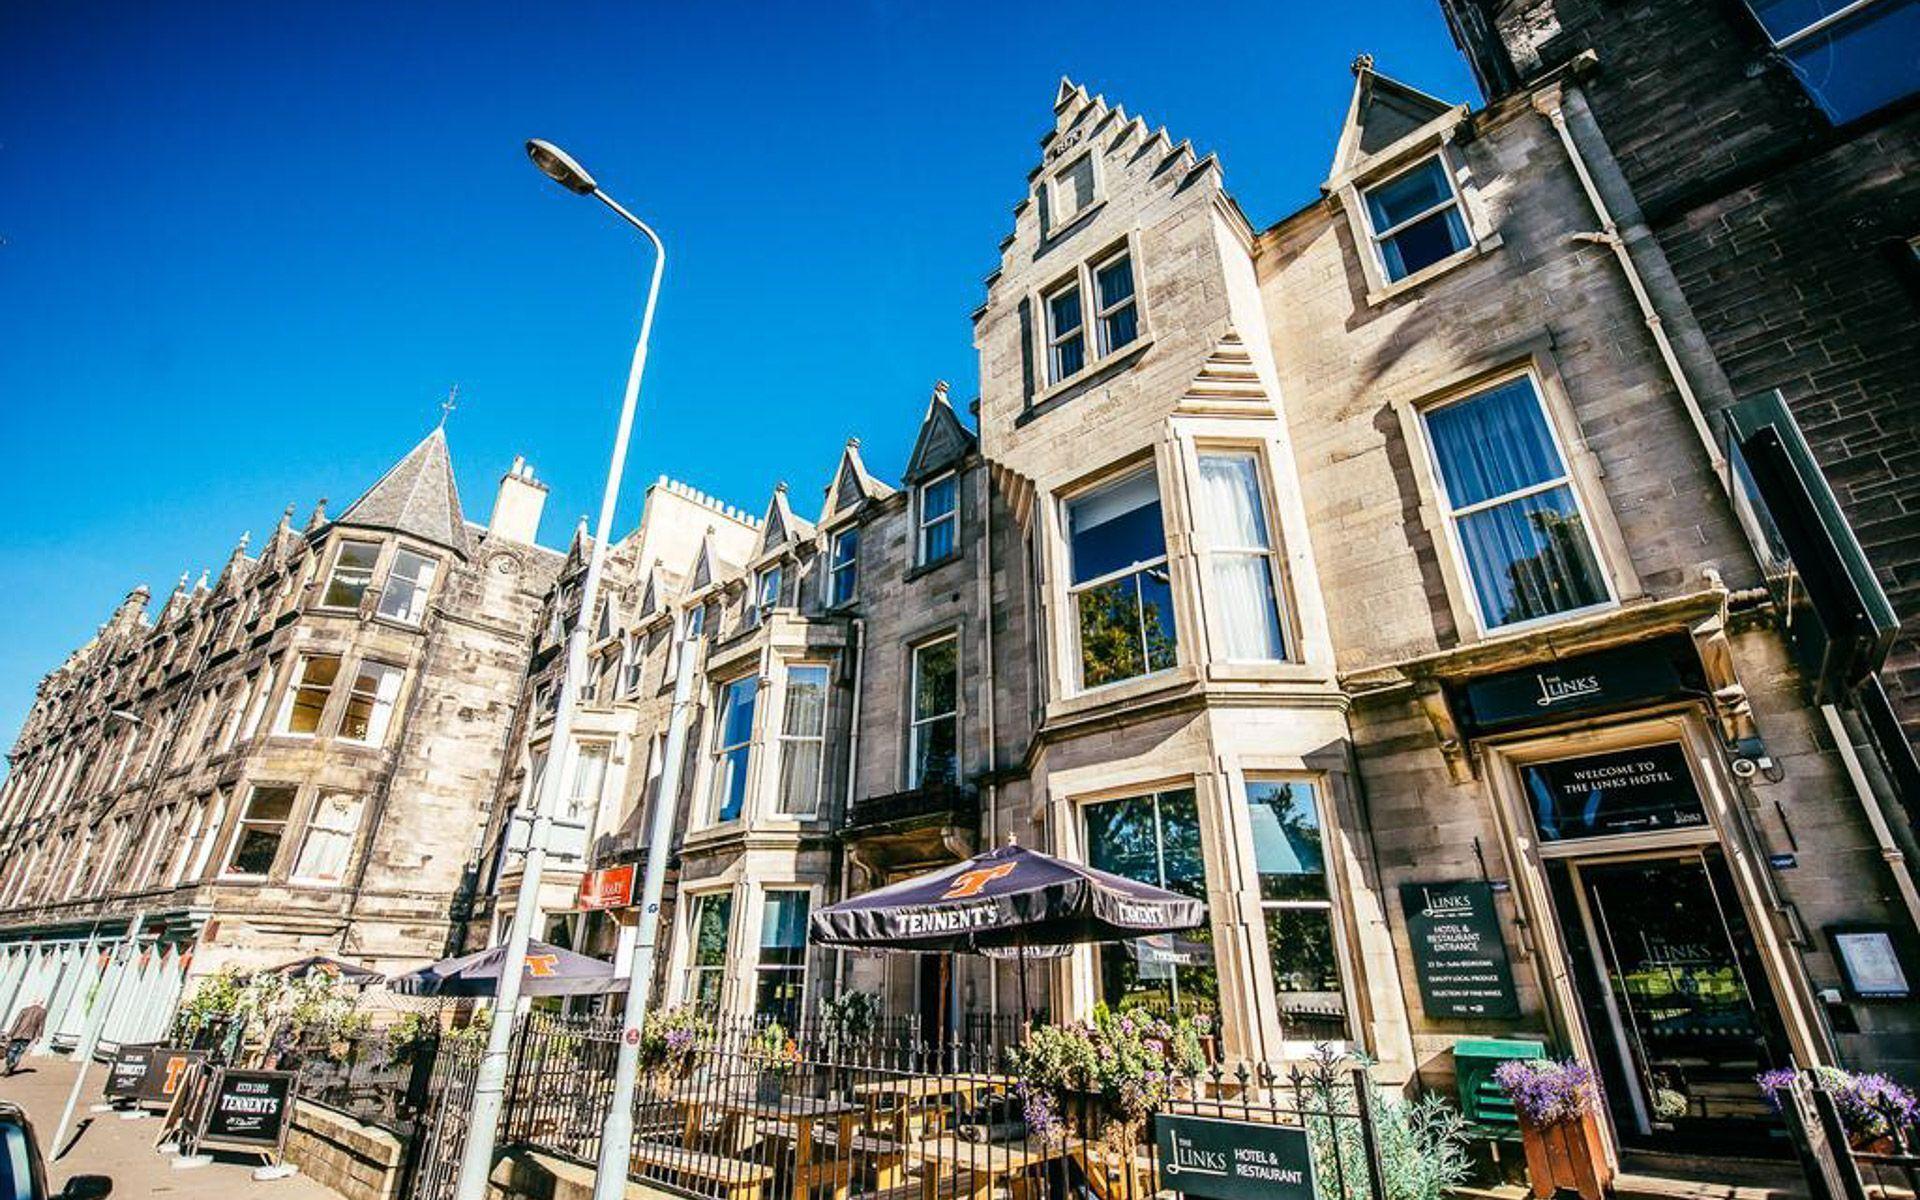 Lesvoyageuses-Ecosse-Edimbourg-BlakIvy-Hotel-3